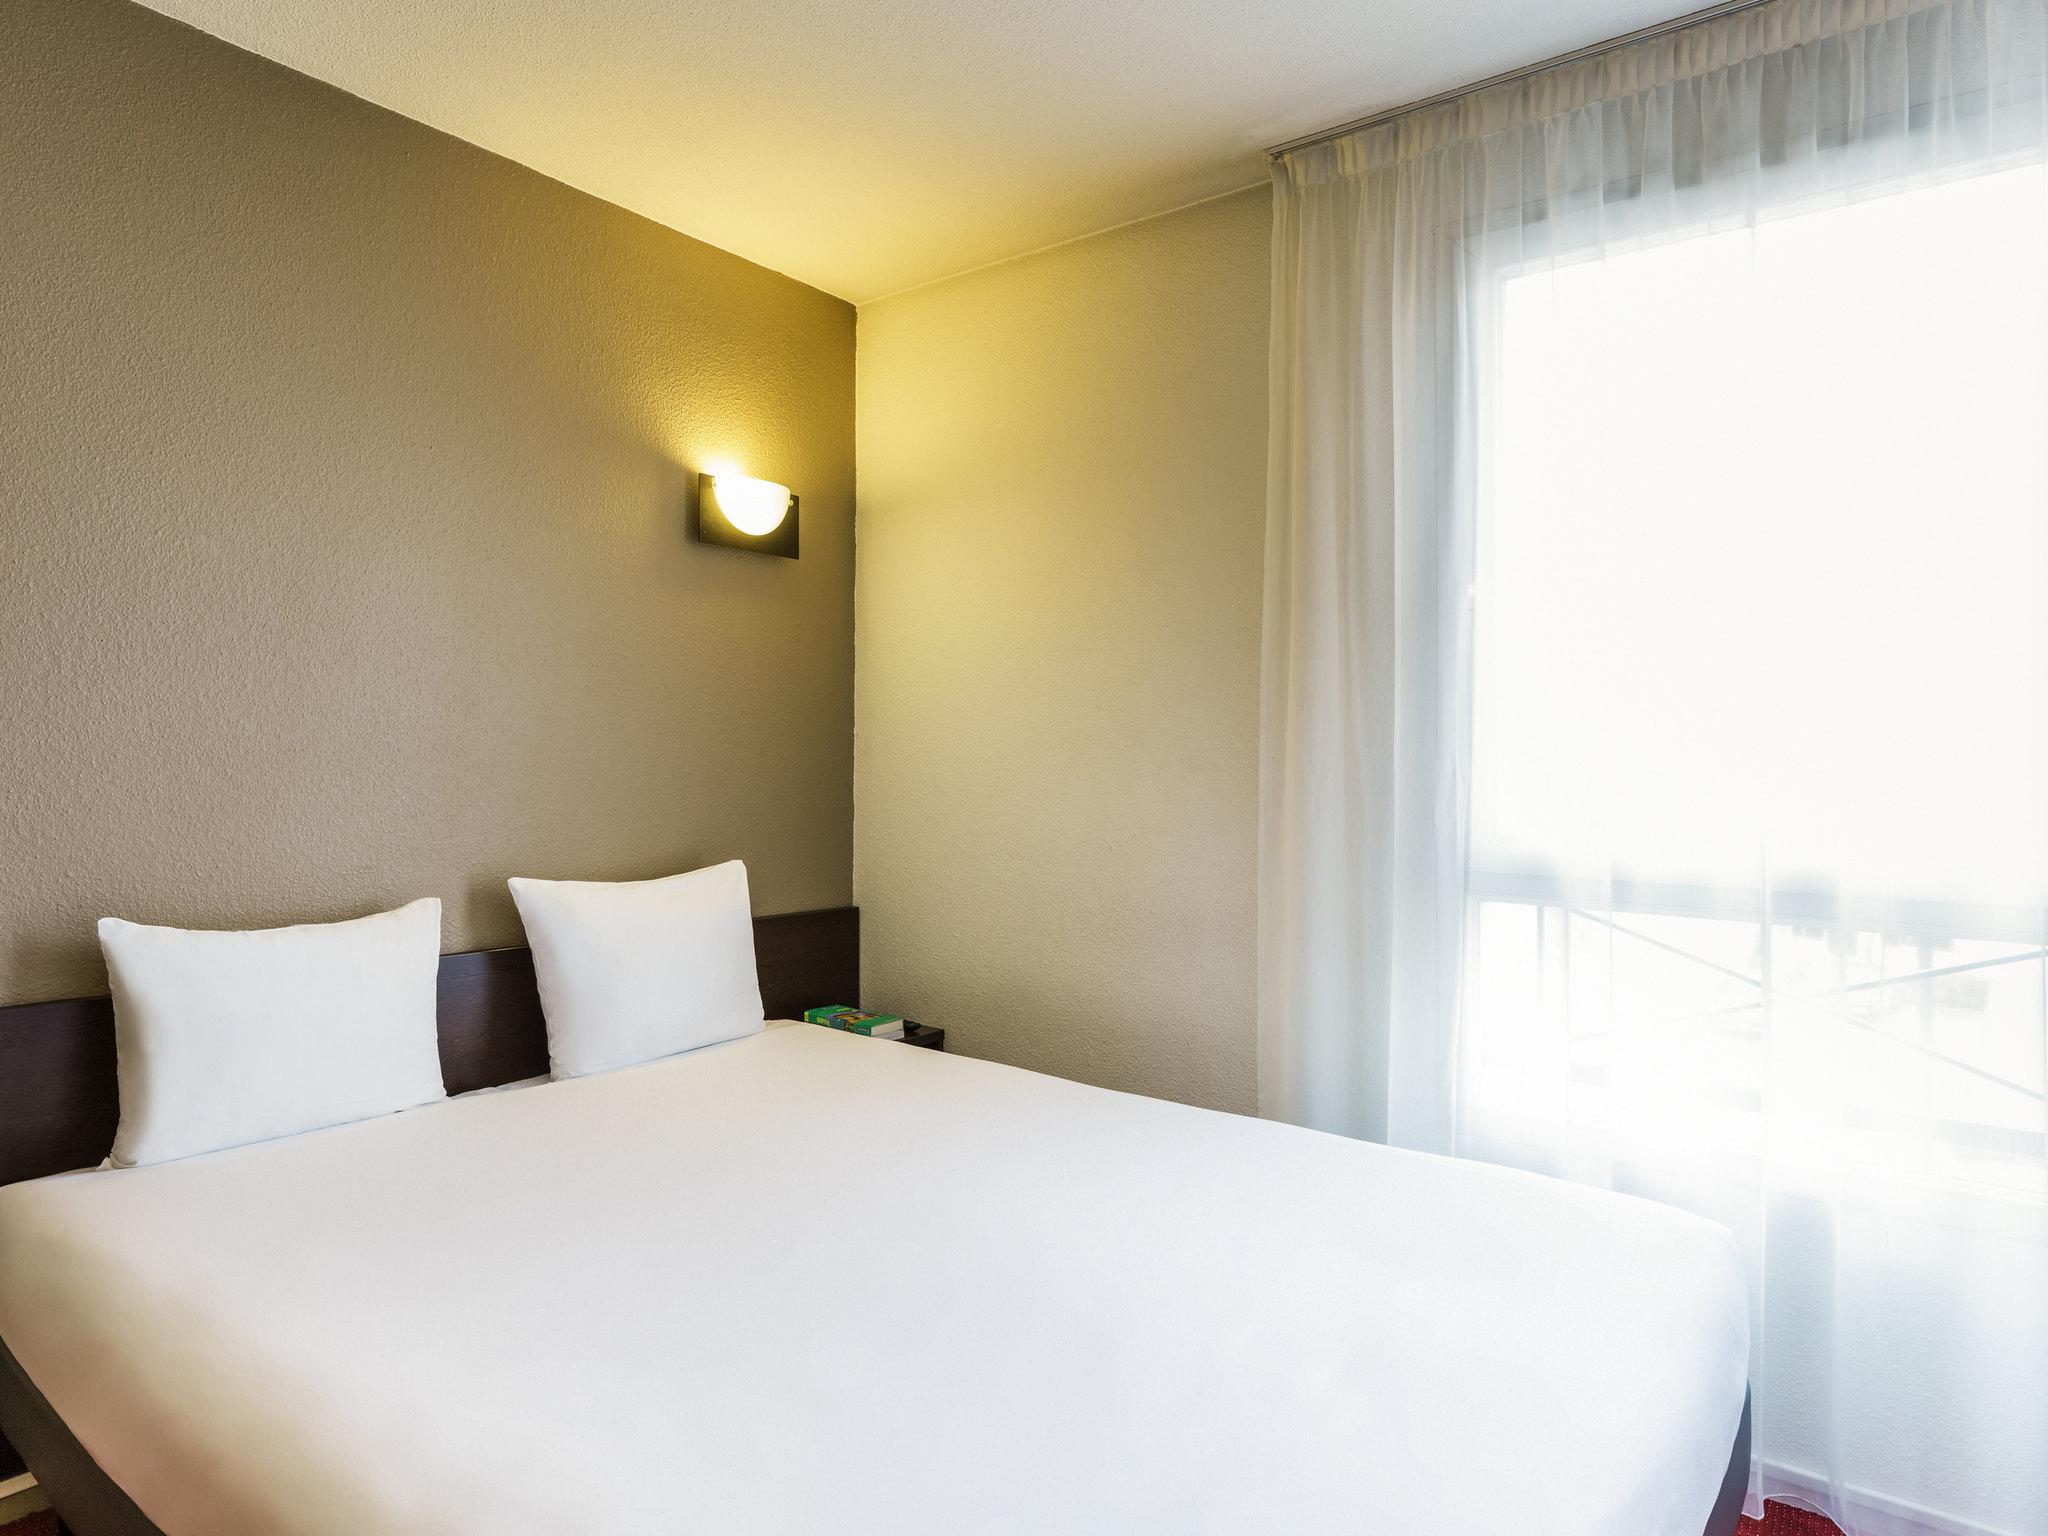 فندق - Aparthotel Adagio access Vanves Porte de Versailles